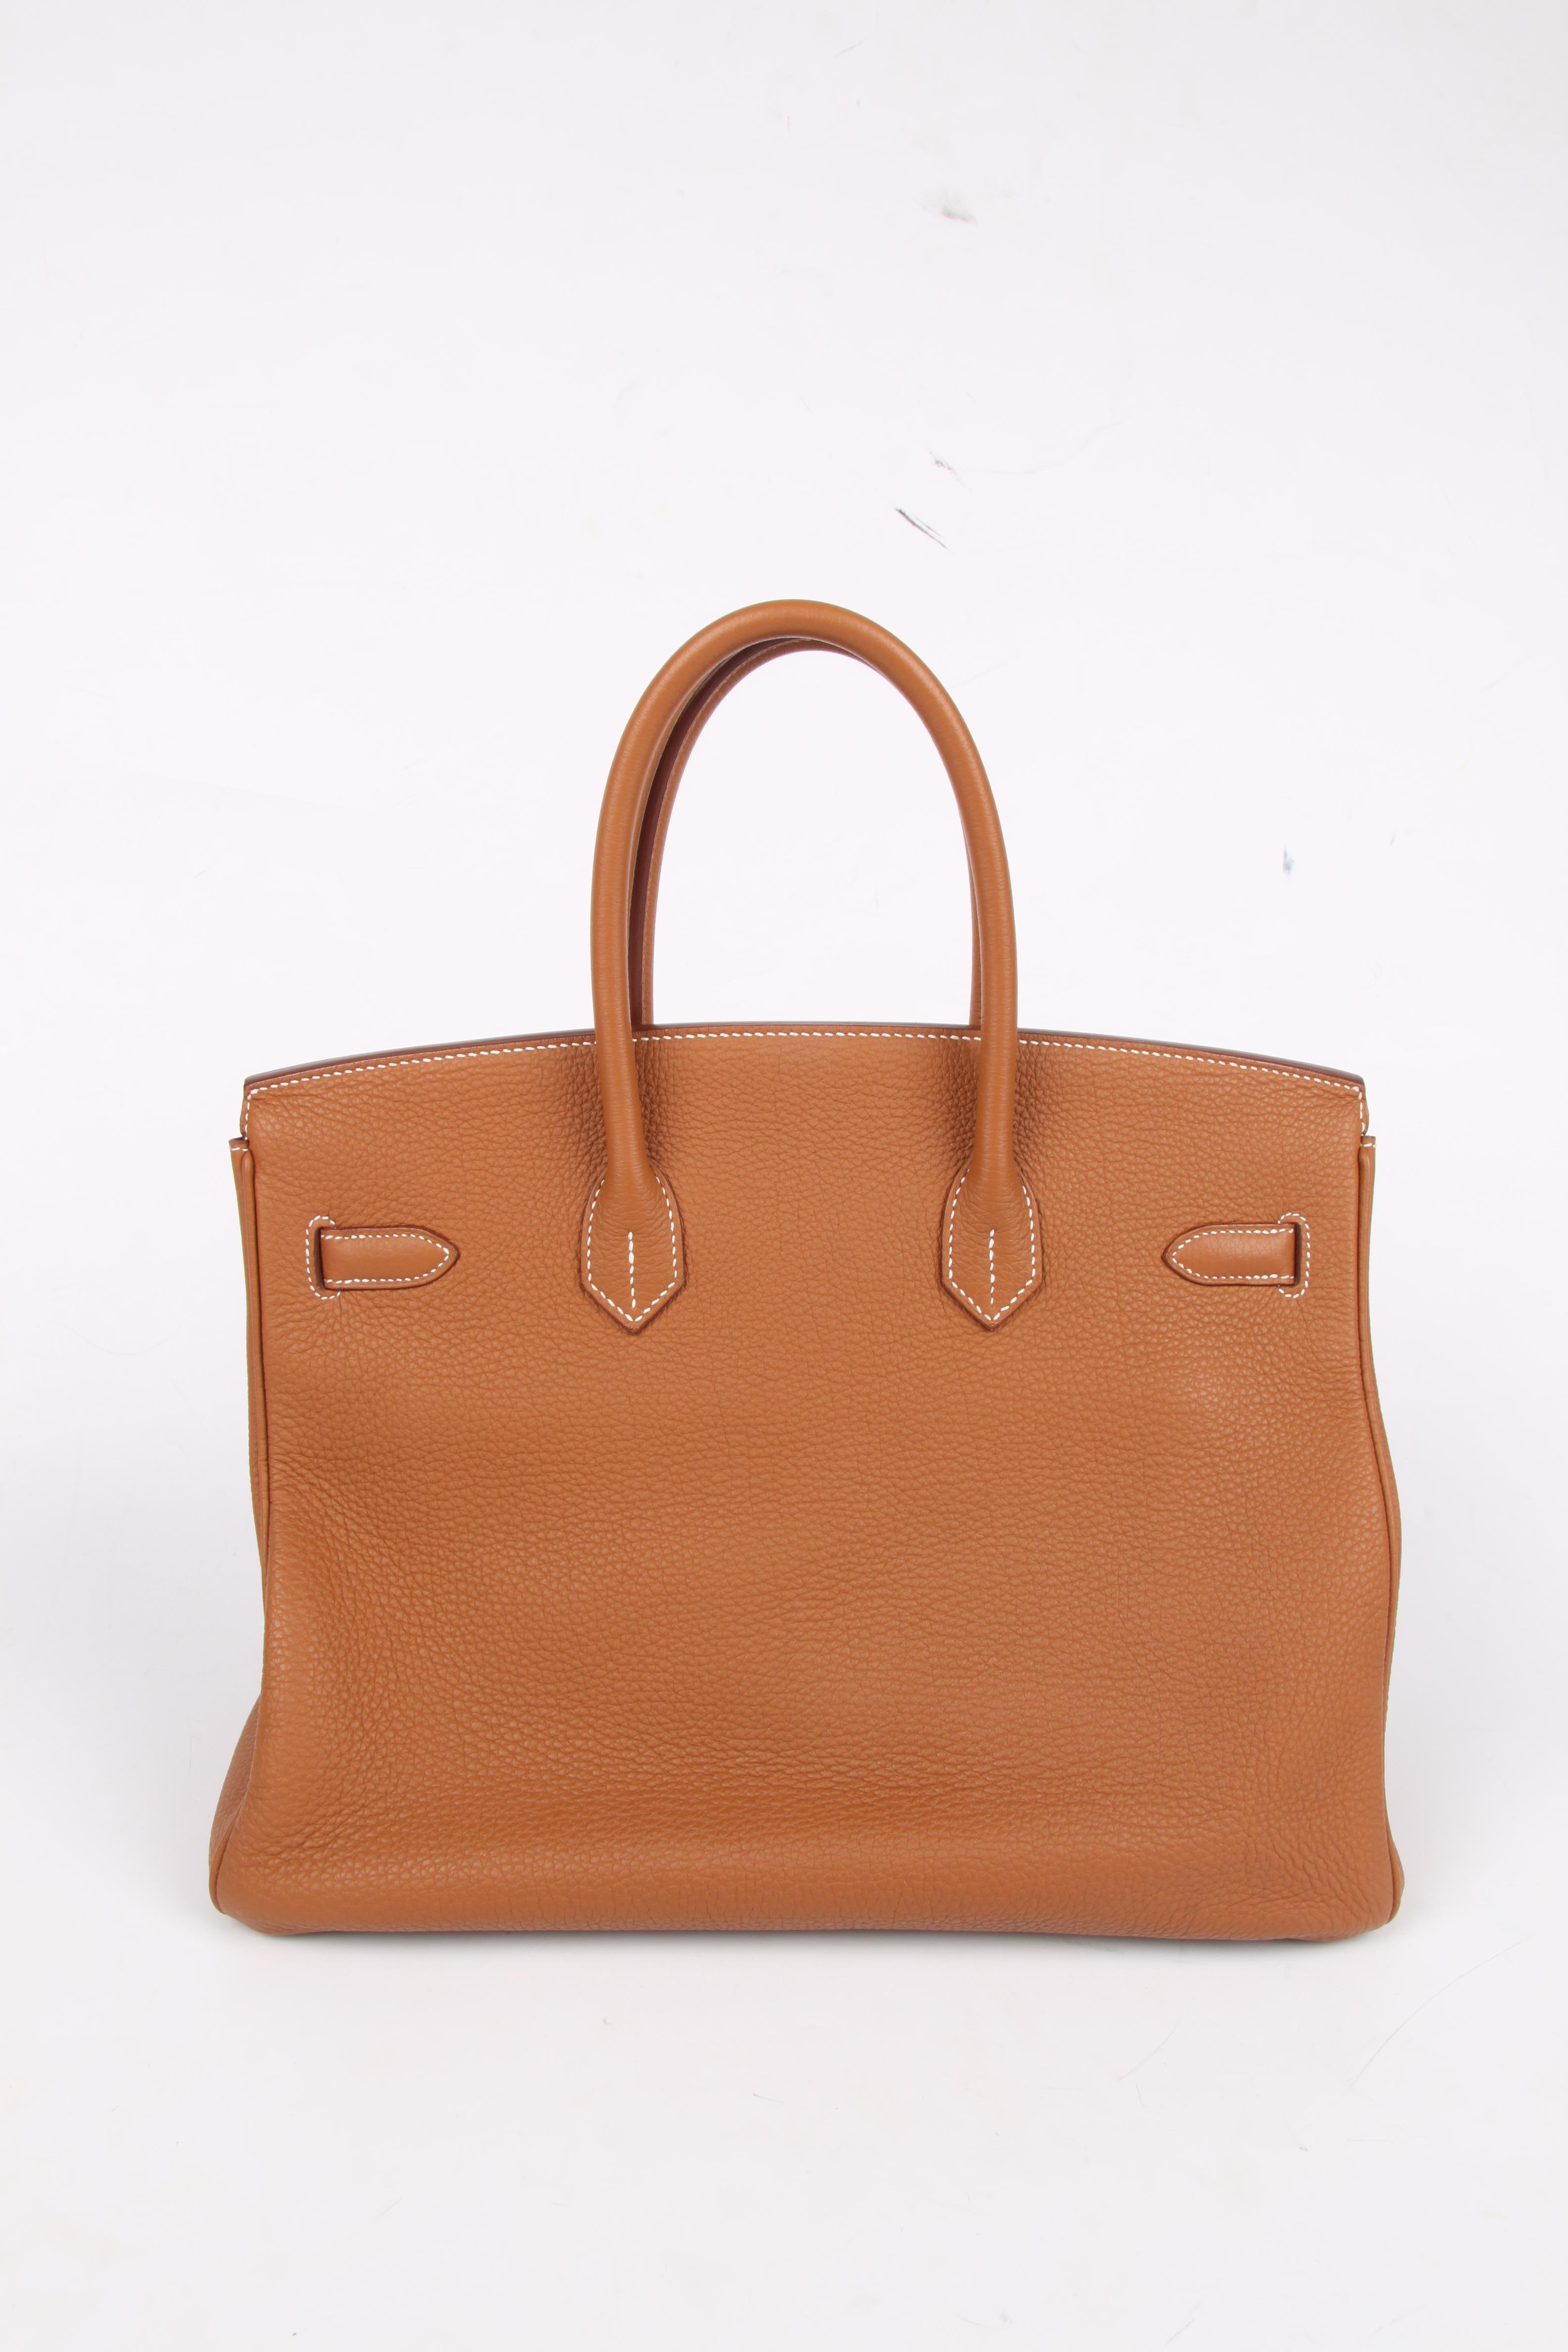 2e94e8af5d Hermes Birkin Bag 35 Gold Togo - goldtone hardware at 1stdibs